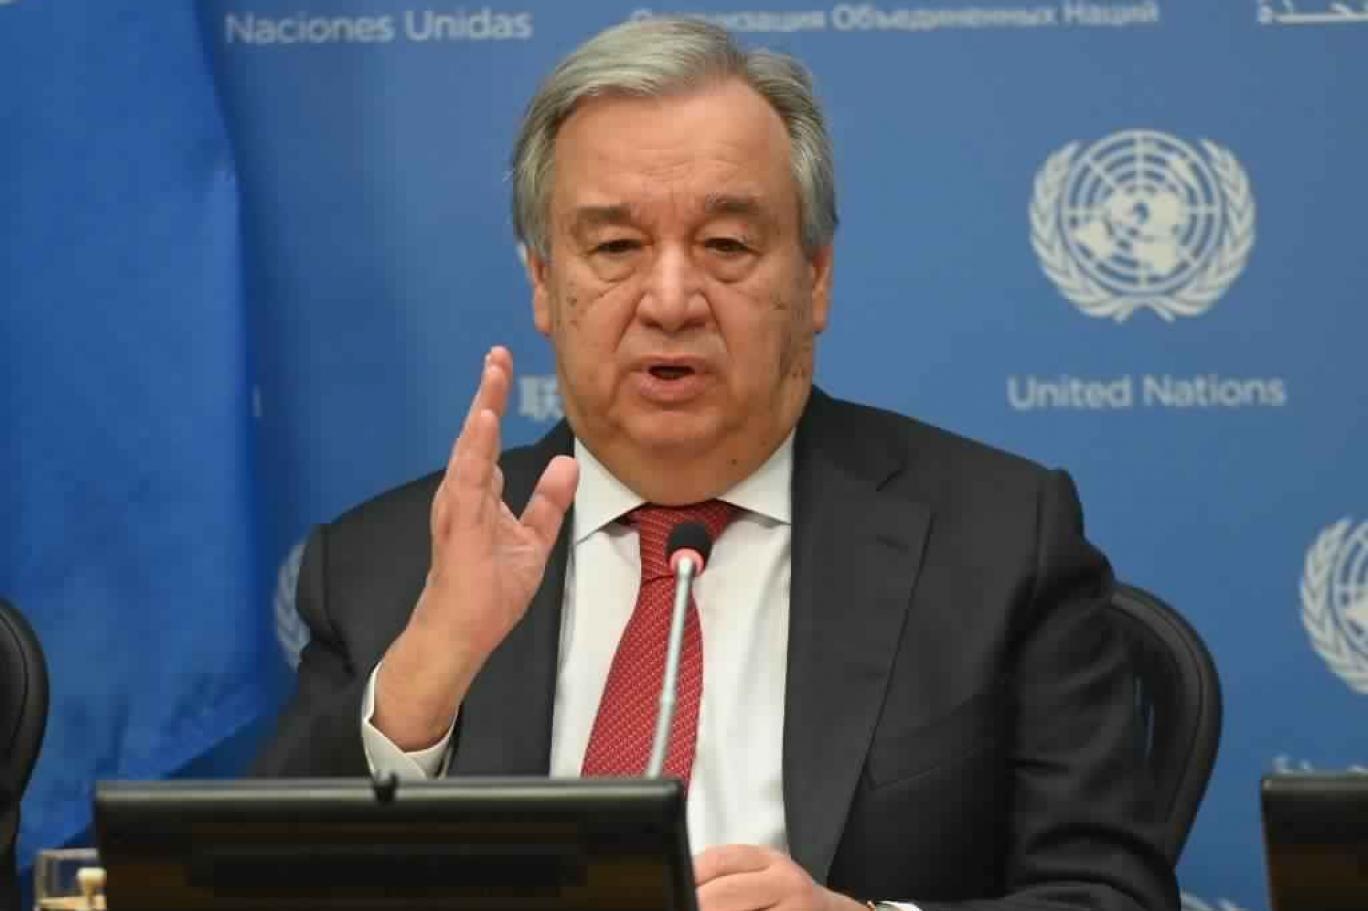 غوتيريش: كورونا أصبح أزمة صحية وثيقة الصلة بحقوق الإنسان